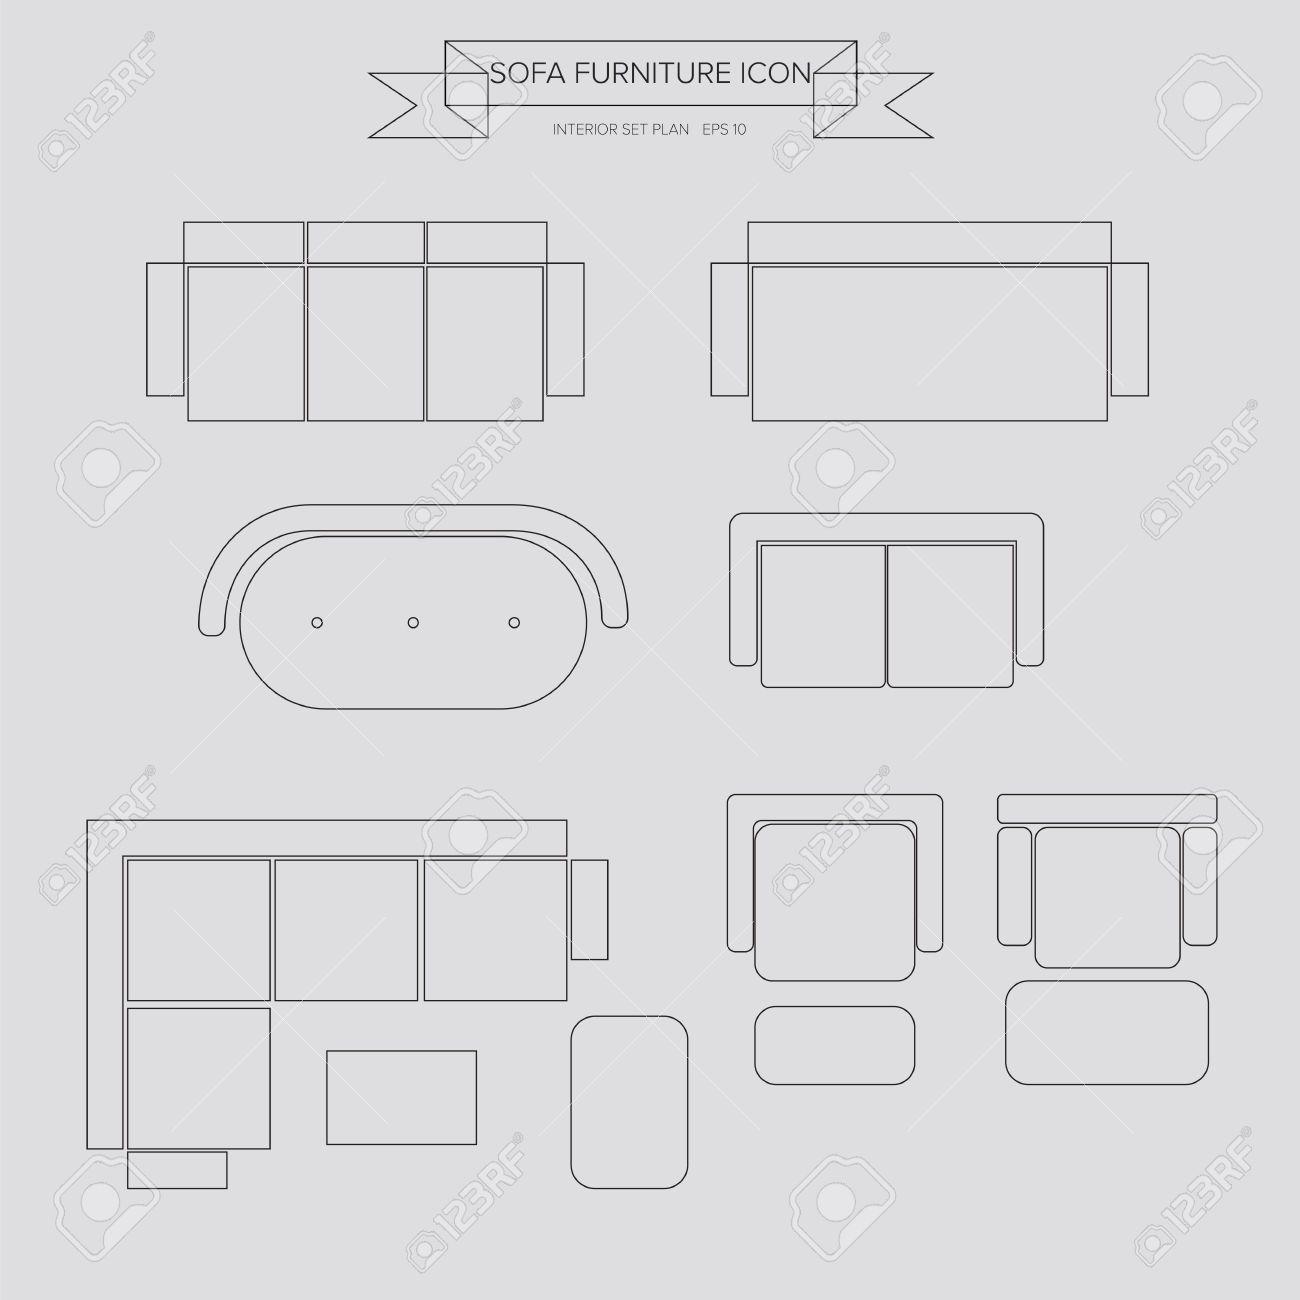 Canapé meubles icône de plan vue de dessus pour le plan intérieur clip art libres